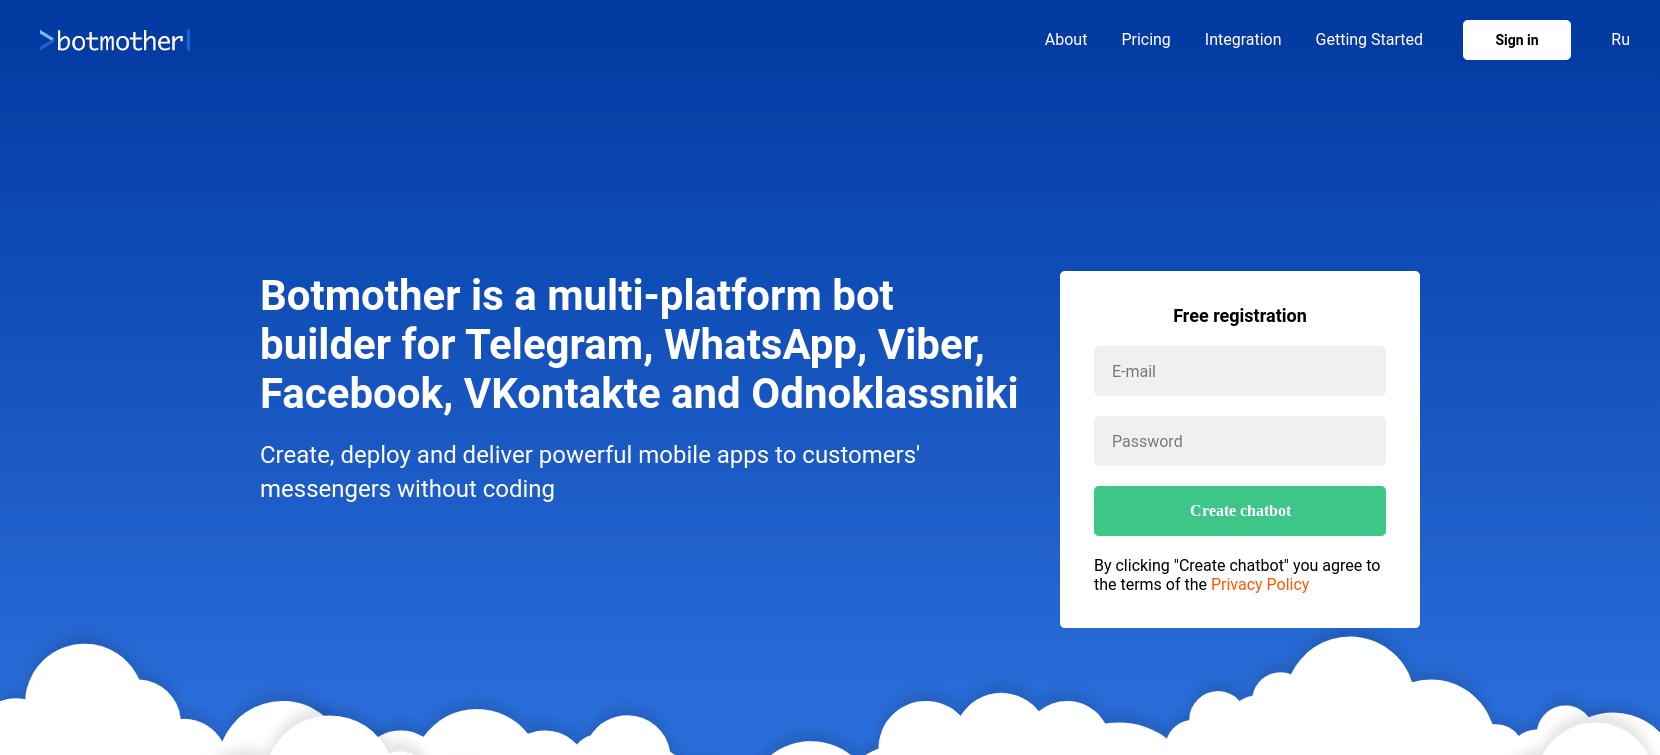 El sitio web de botmother chatbot.